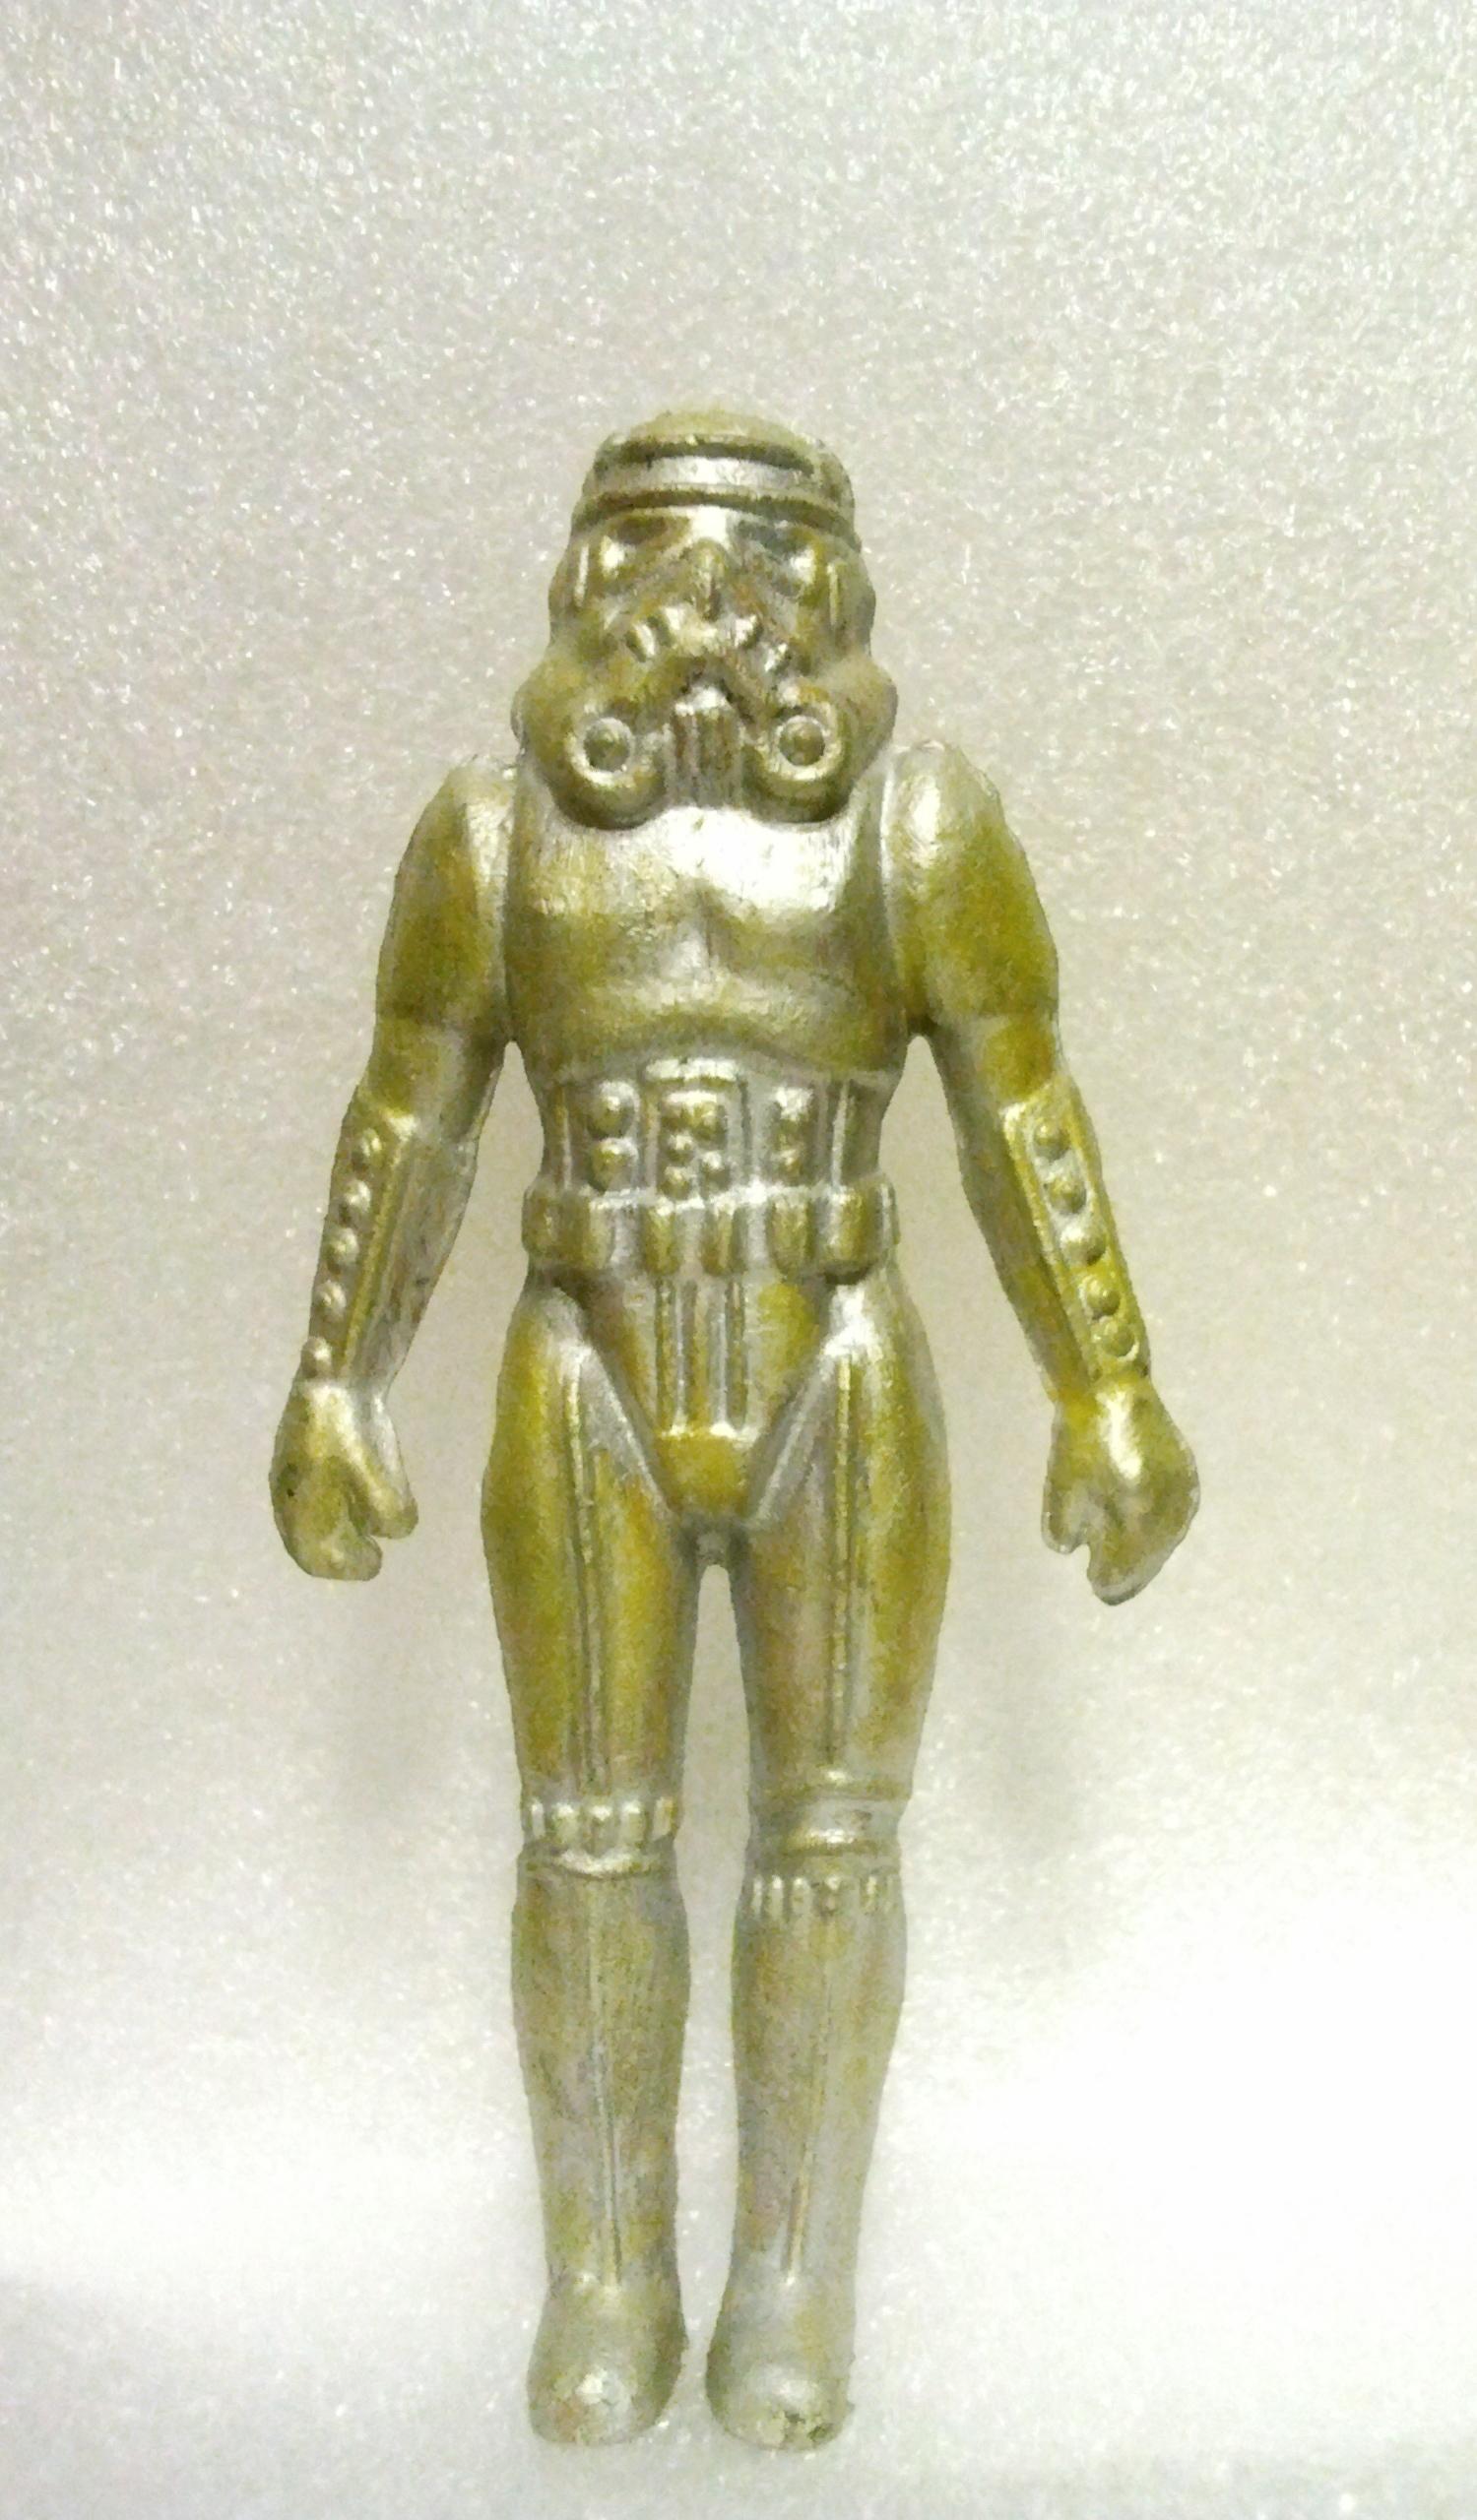 Złoto-srebrny Szturmowiec